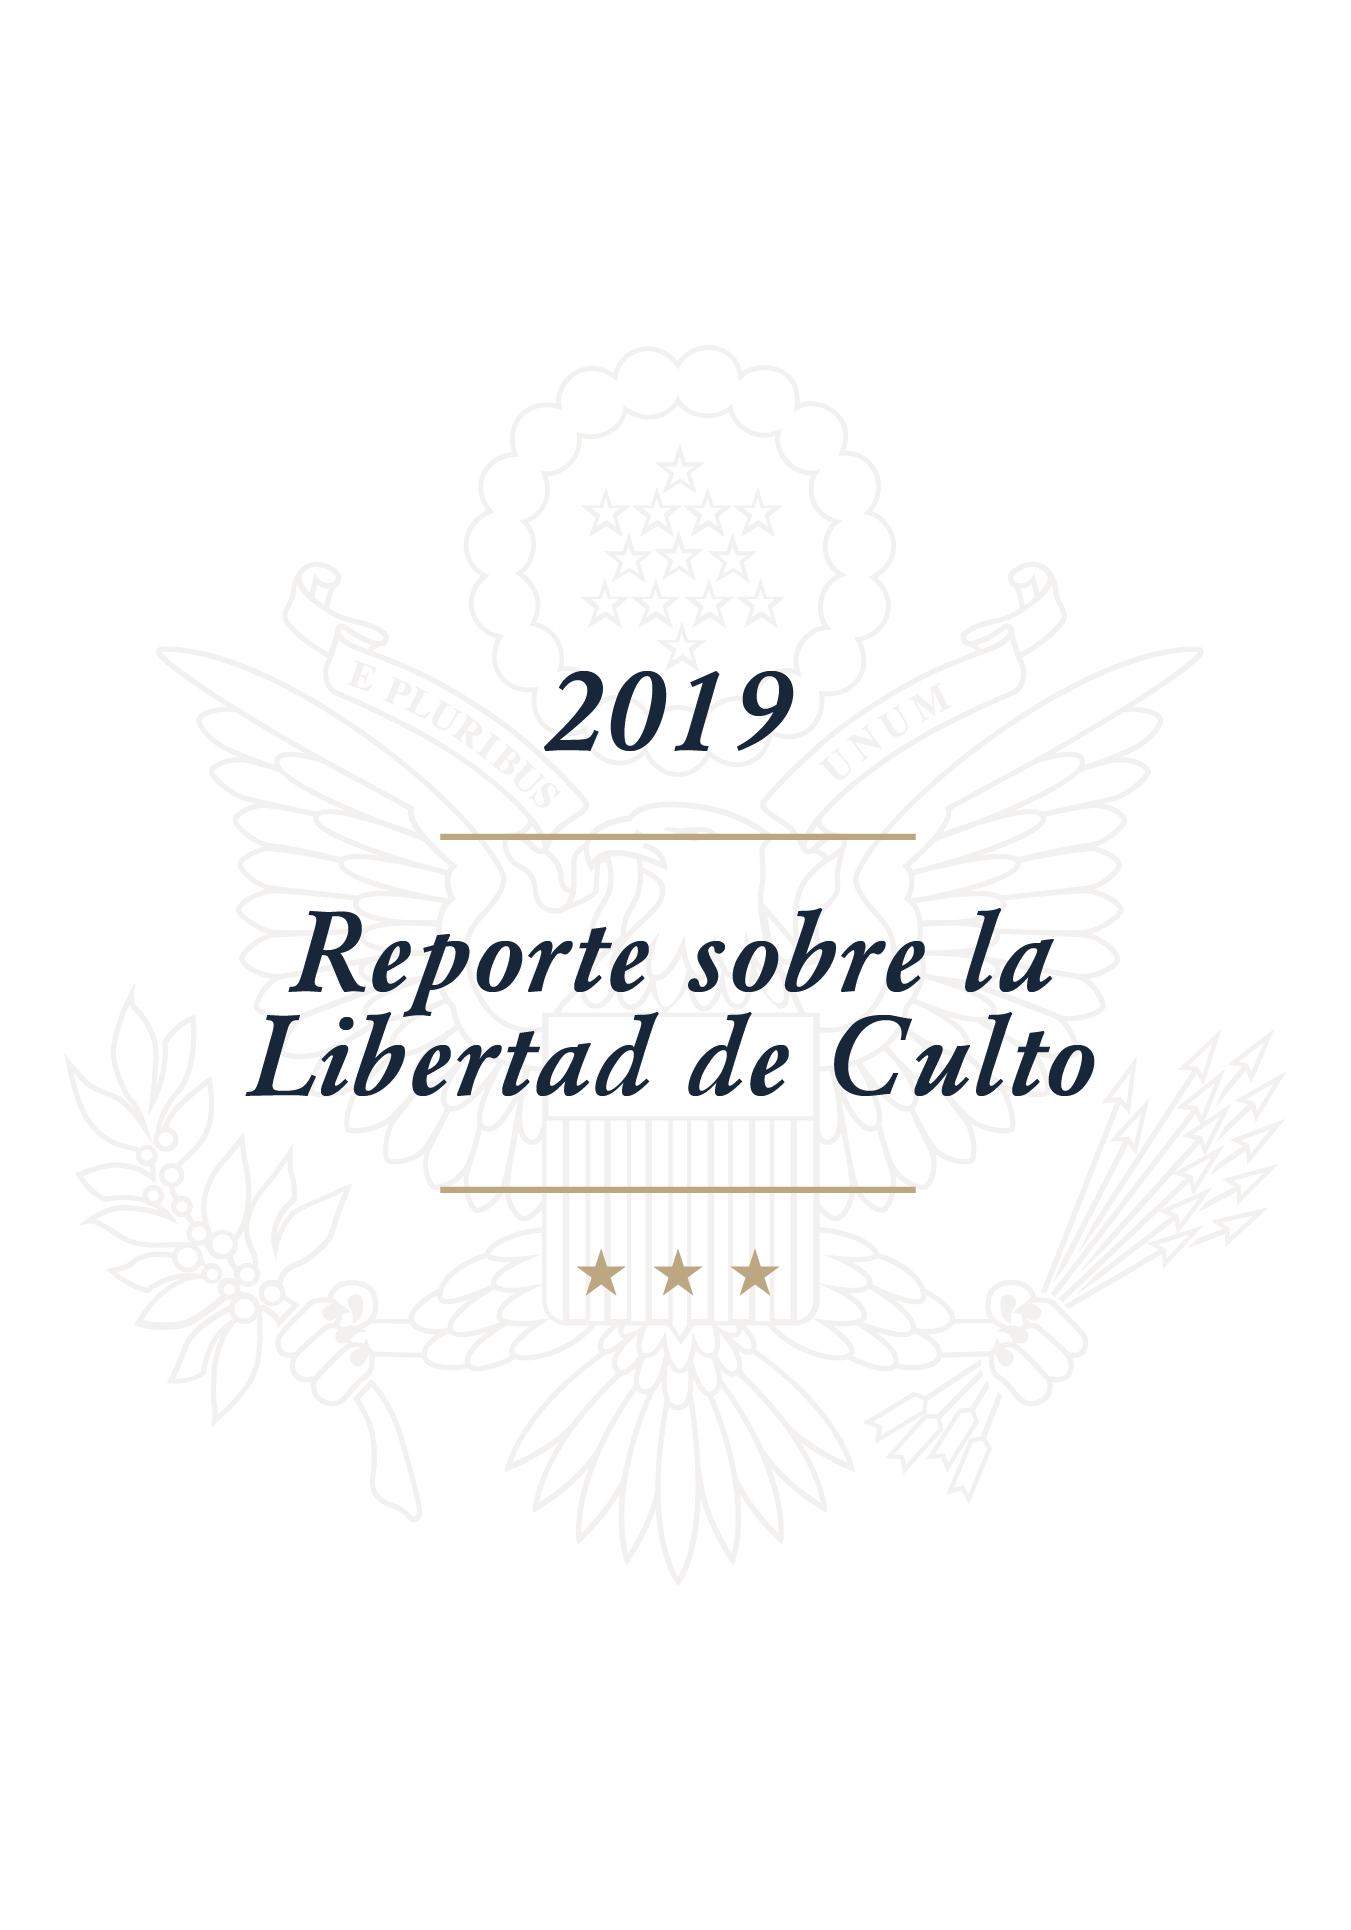 Reporte sobre la Libertad de Culto 2019